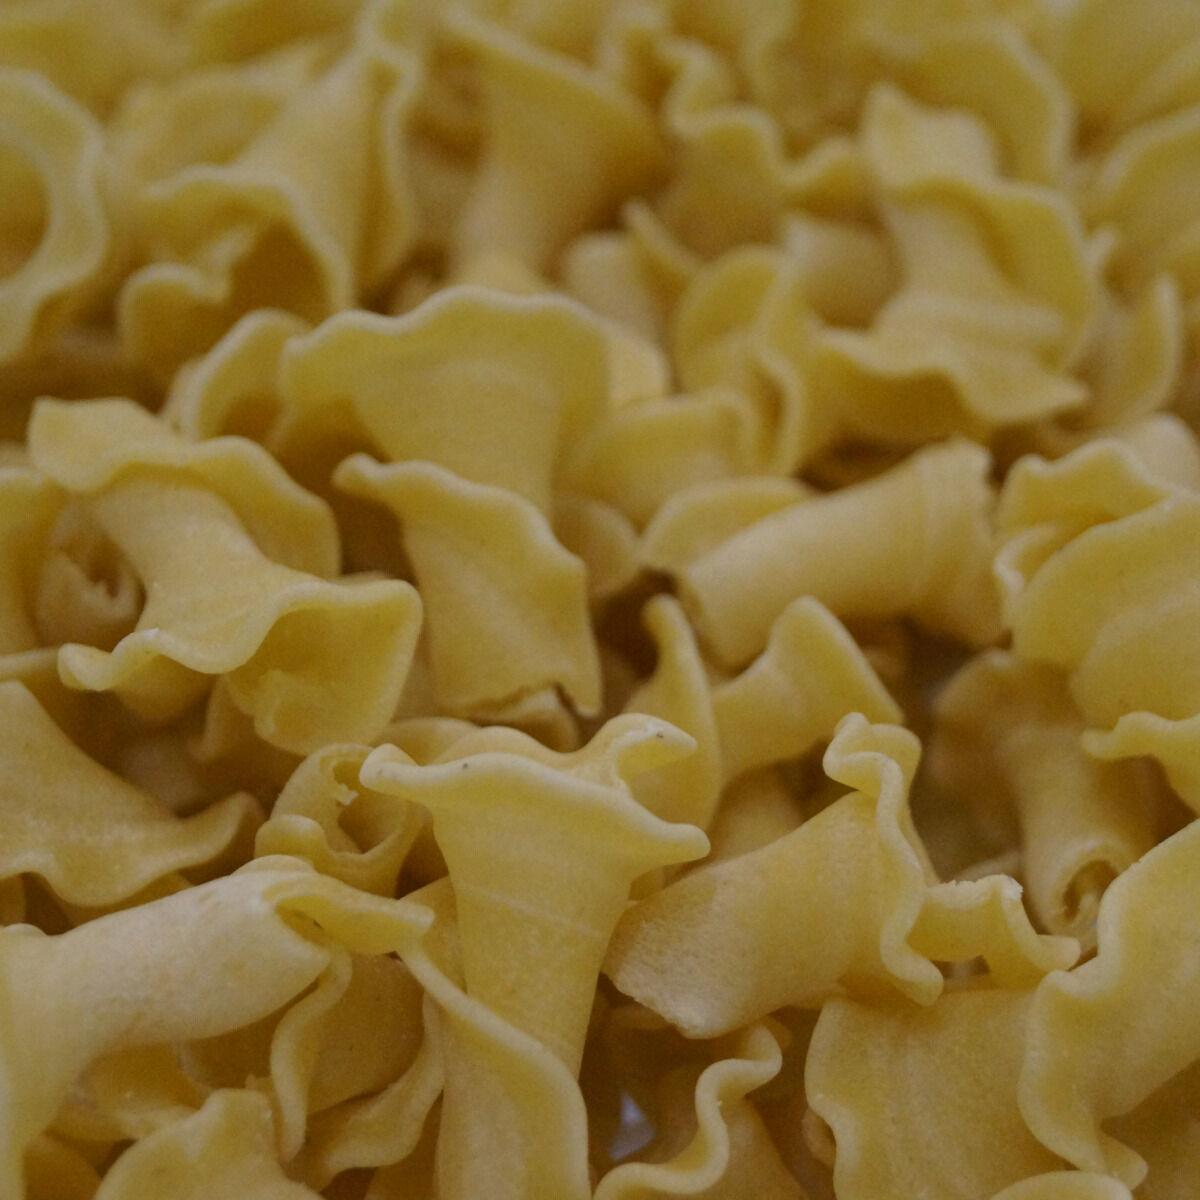 Lioravi, l'authentique pâte fraîche ! Colis de Pâtes Bio Gigli 3x250g